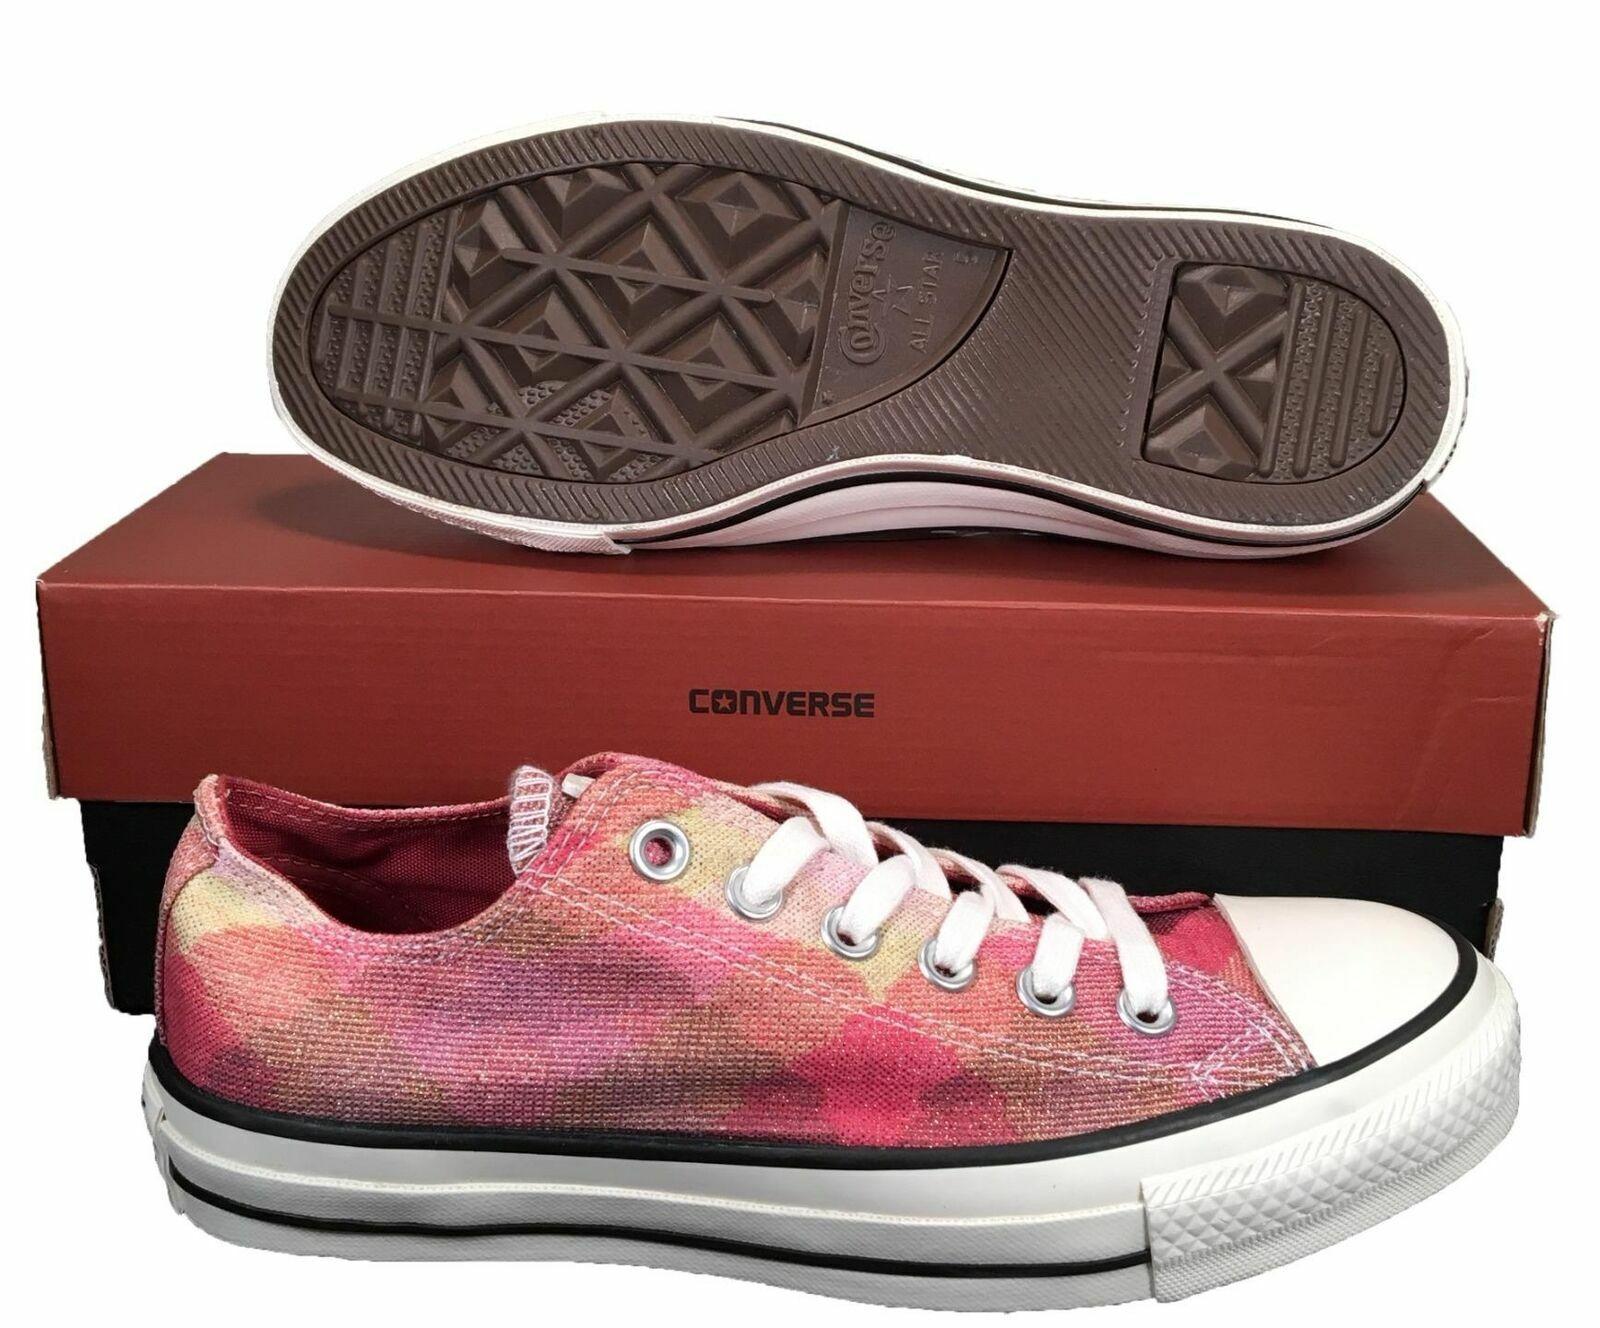 Converse x Missoni Chuck Taylor All Star Ox Low Top Glitter Pink 5 Men (7 Women)